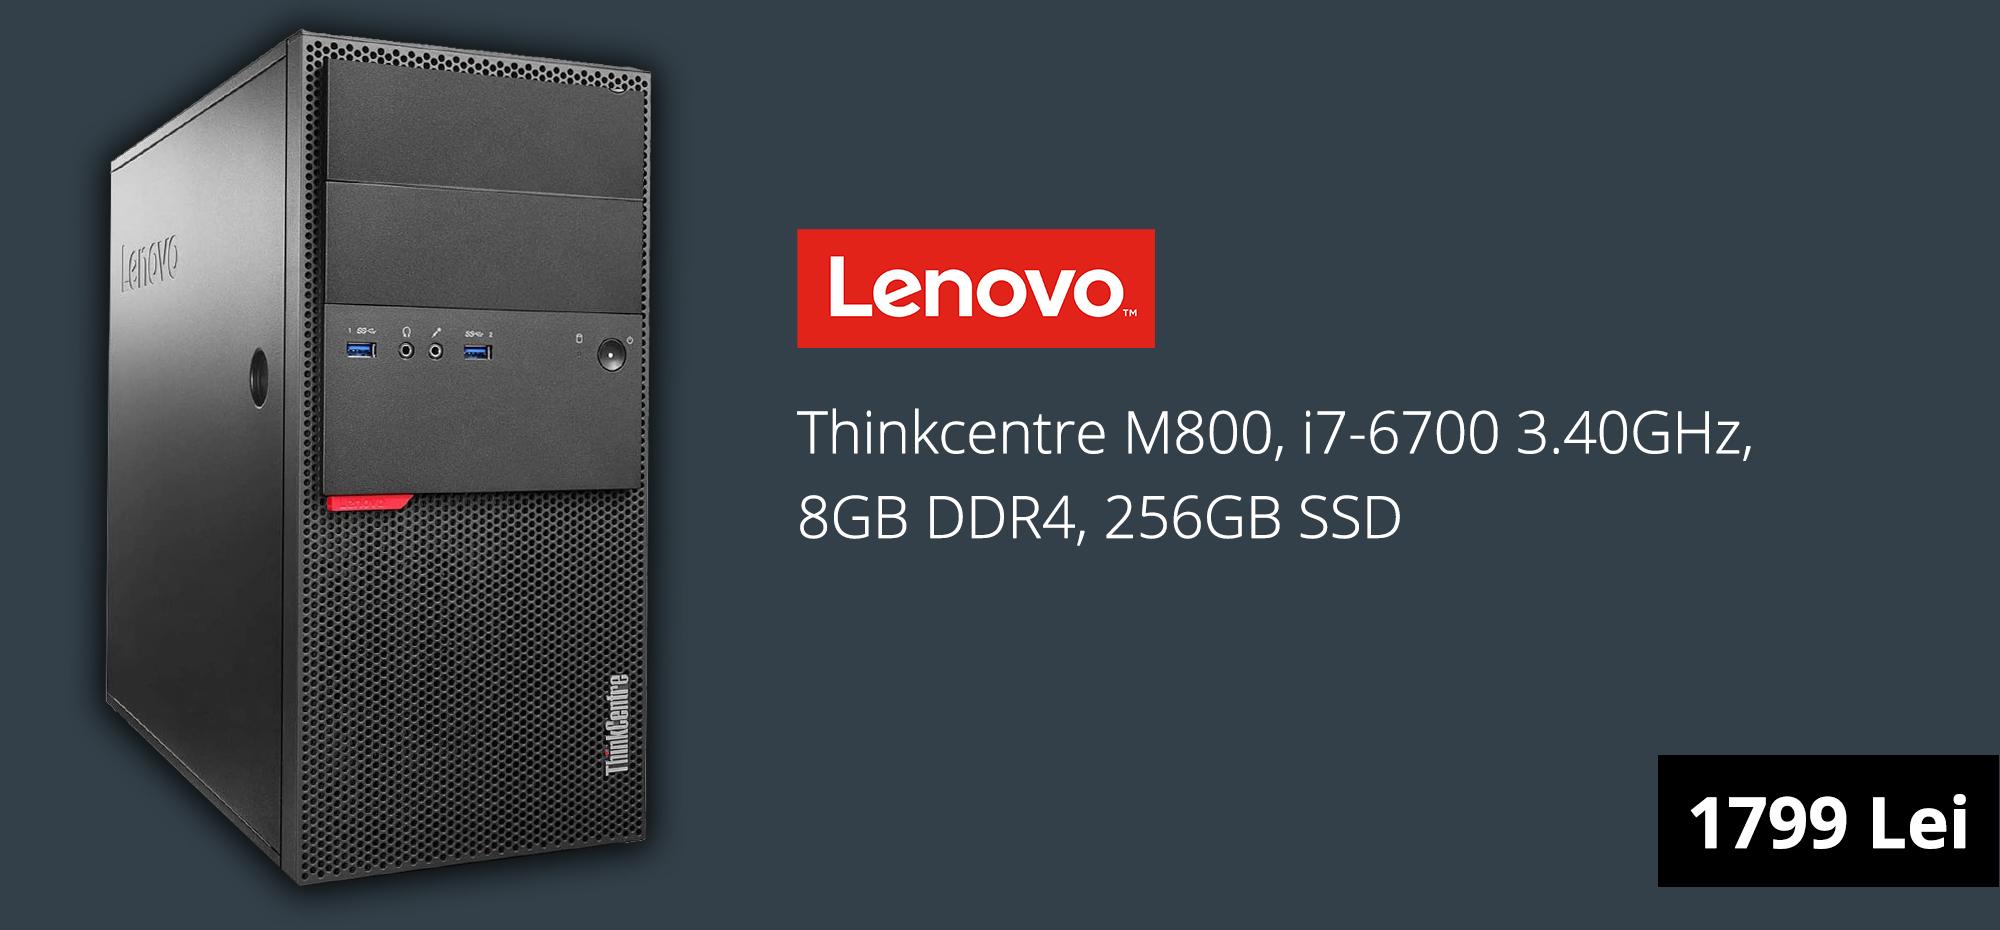 Lenovo-M800